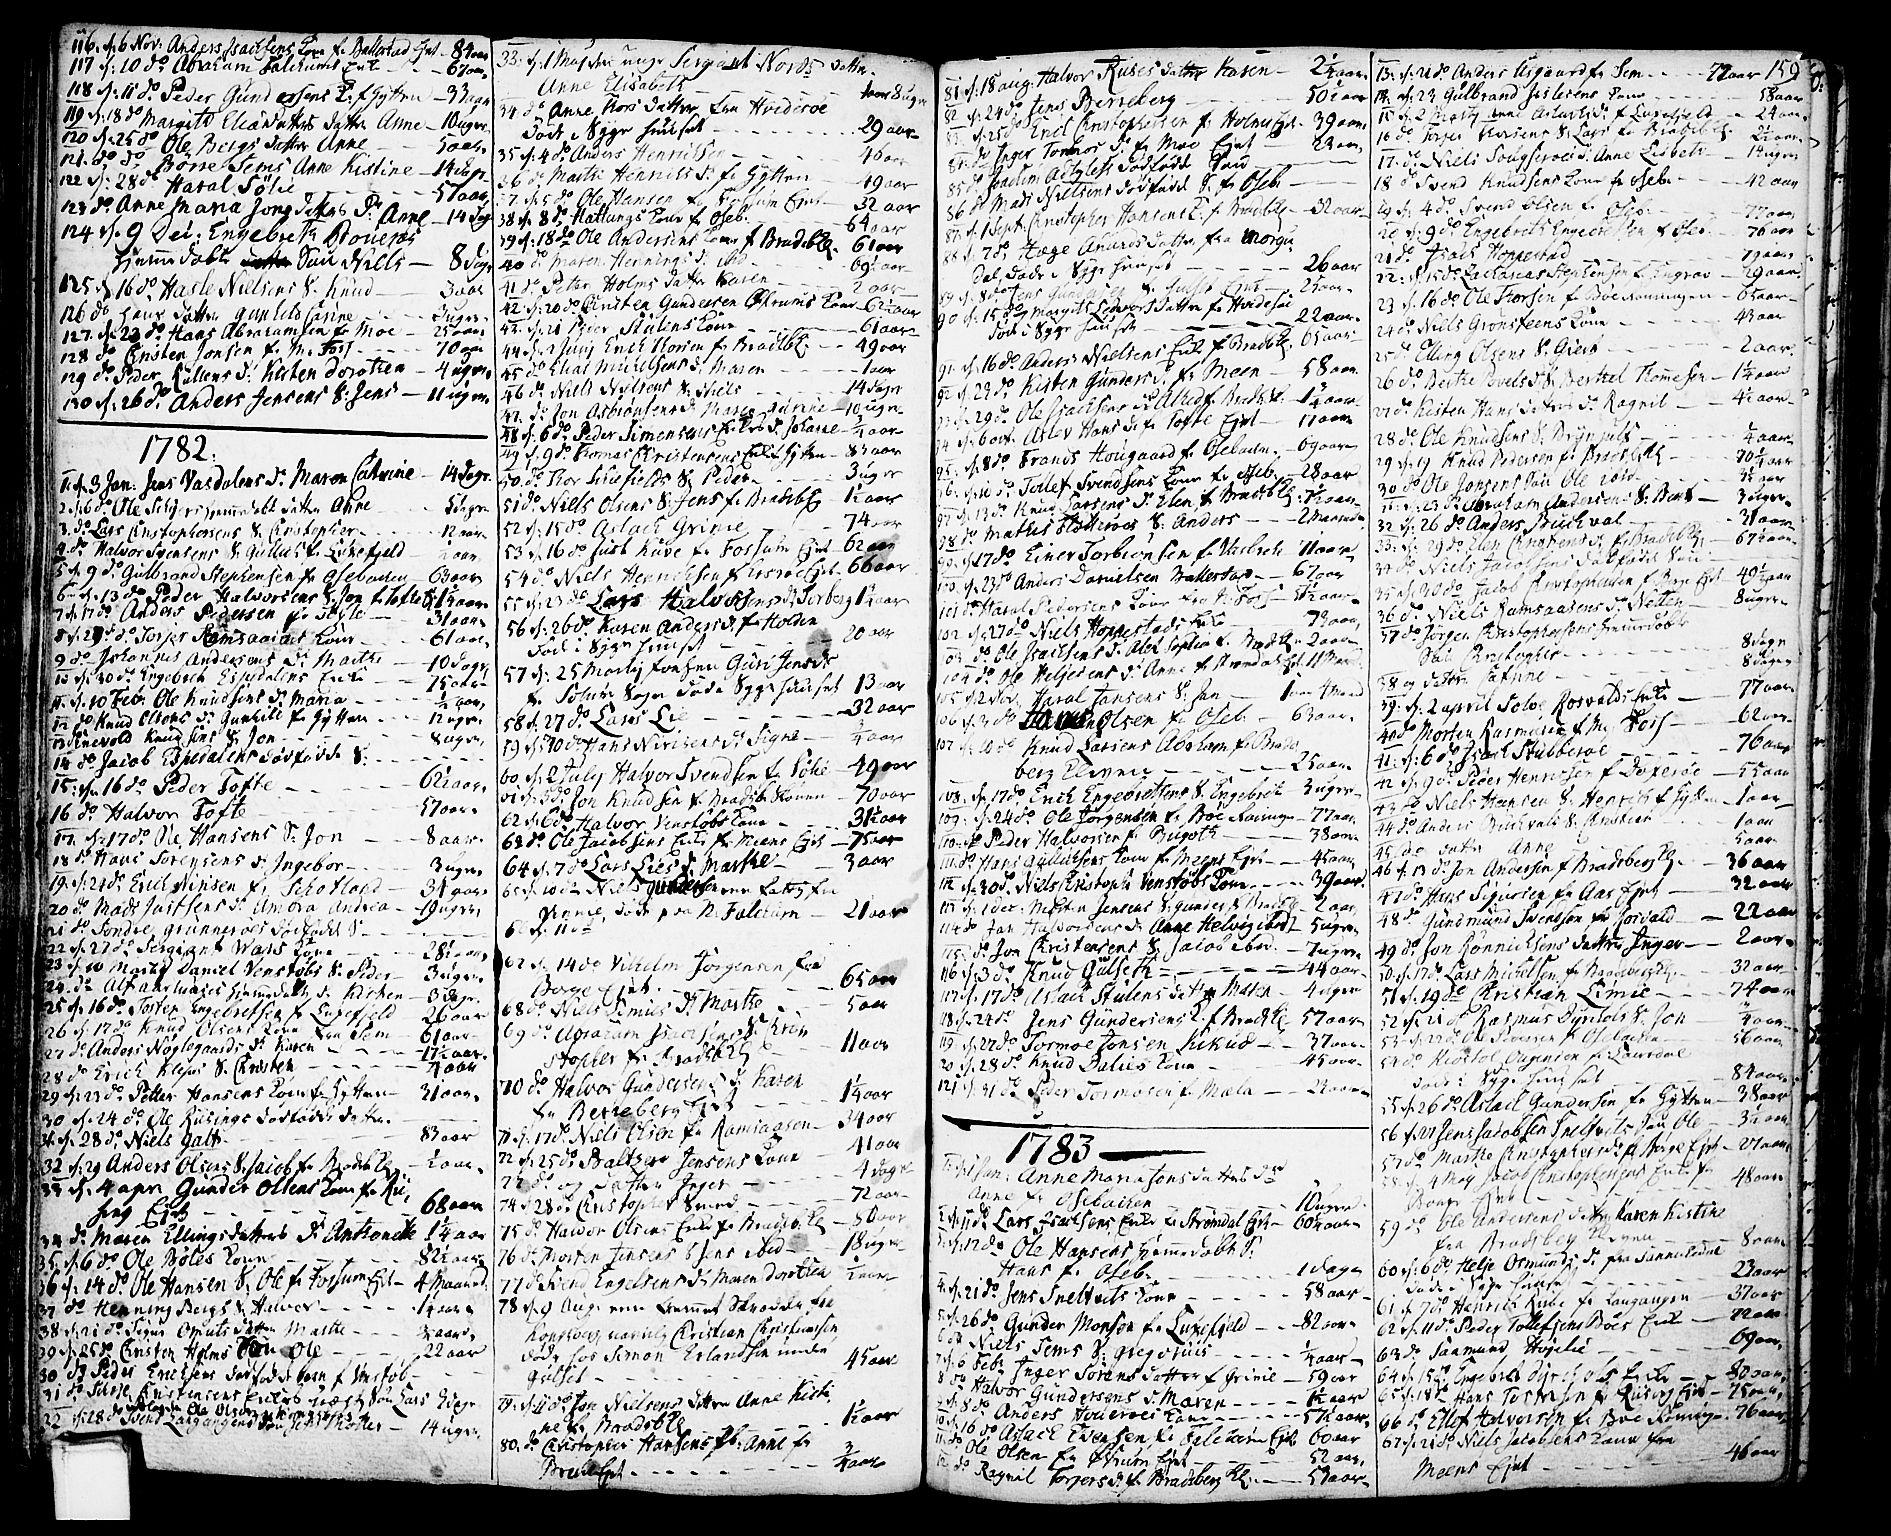 SAKO, Gjerpen kirkebøker, F/Fa/L0002: Ministerialbok nr. 2, 1747-1795, s. 159